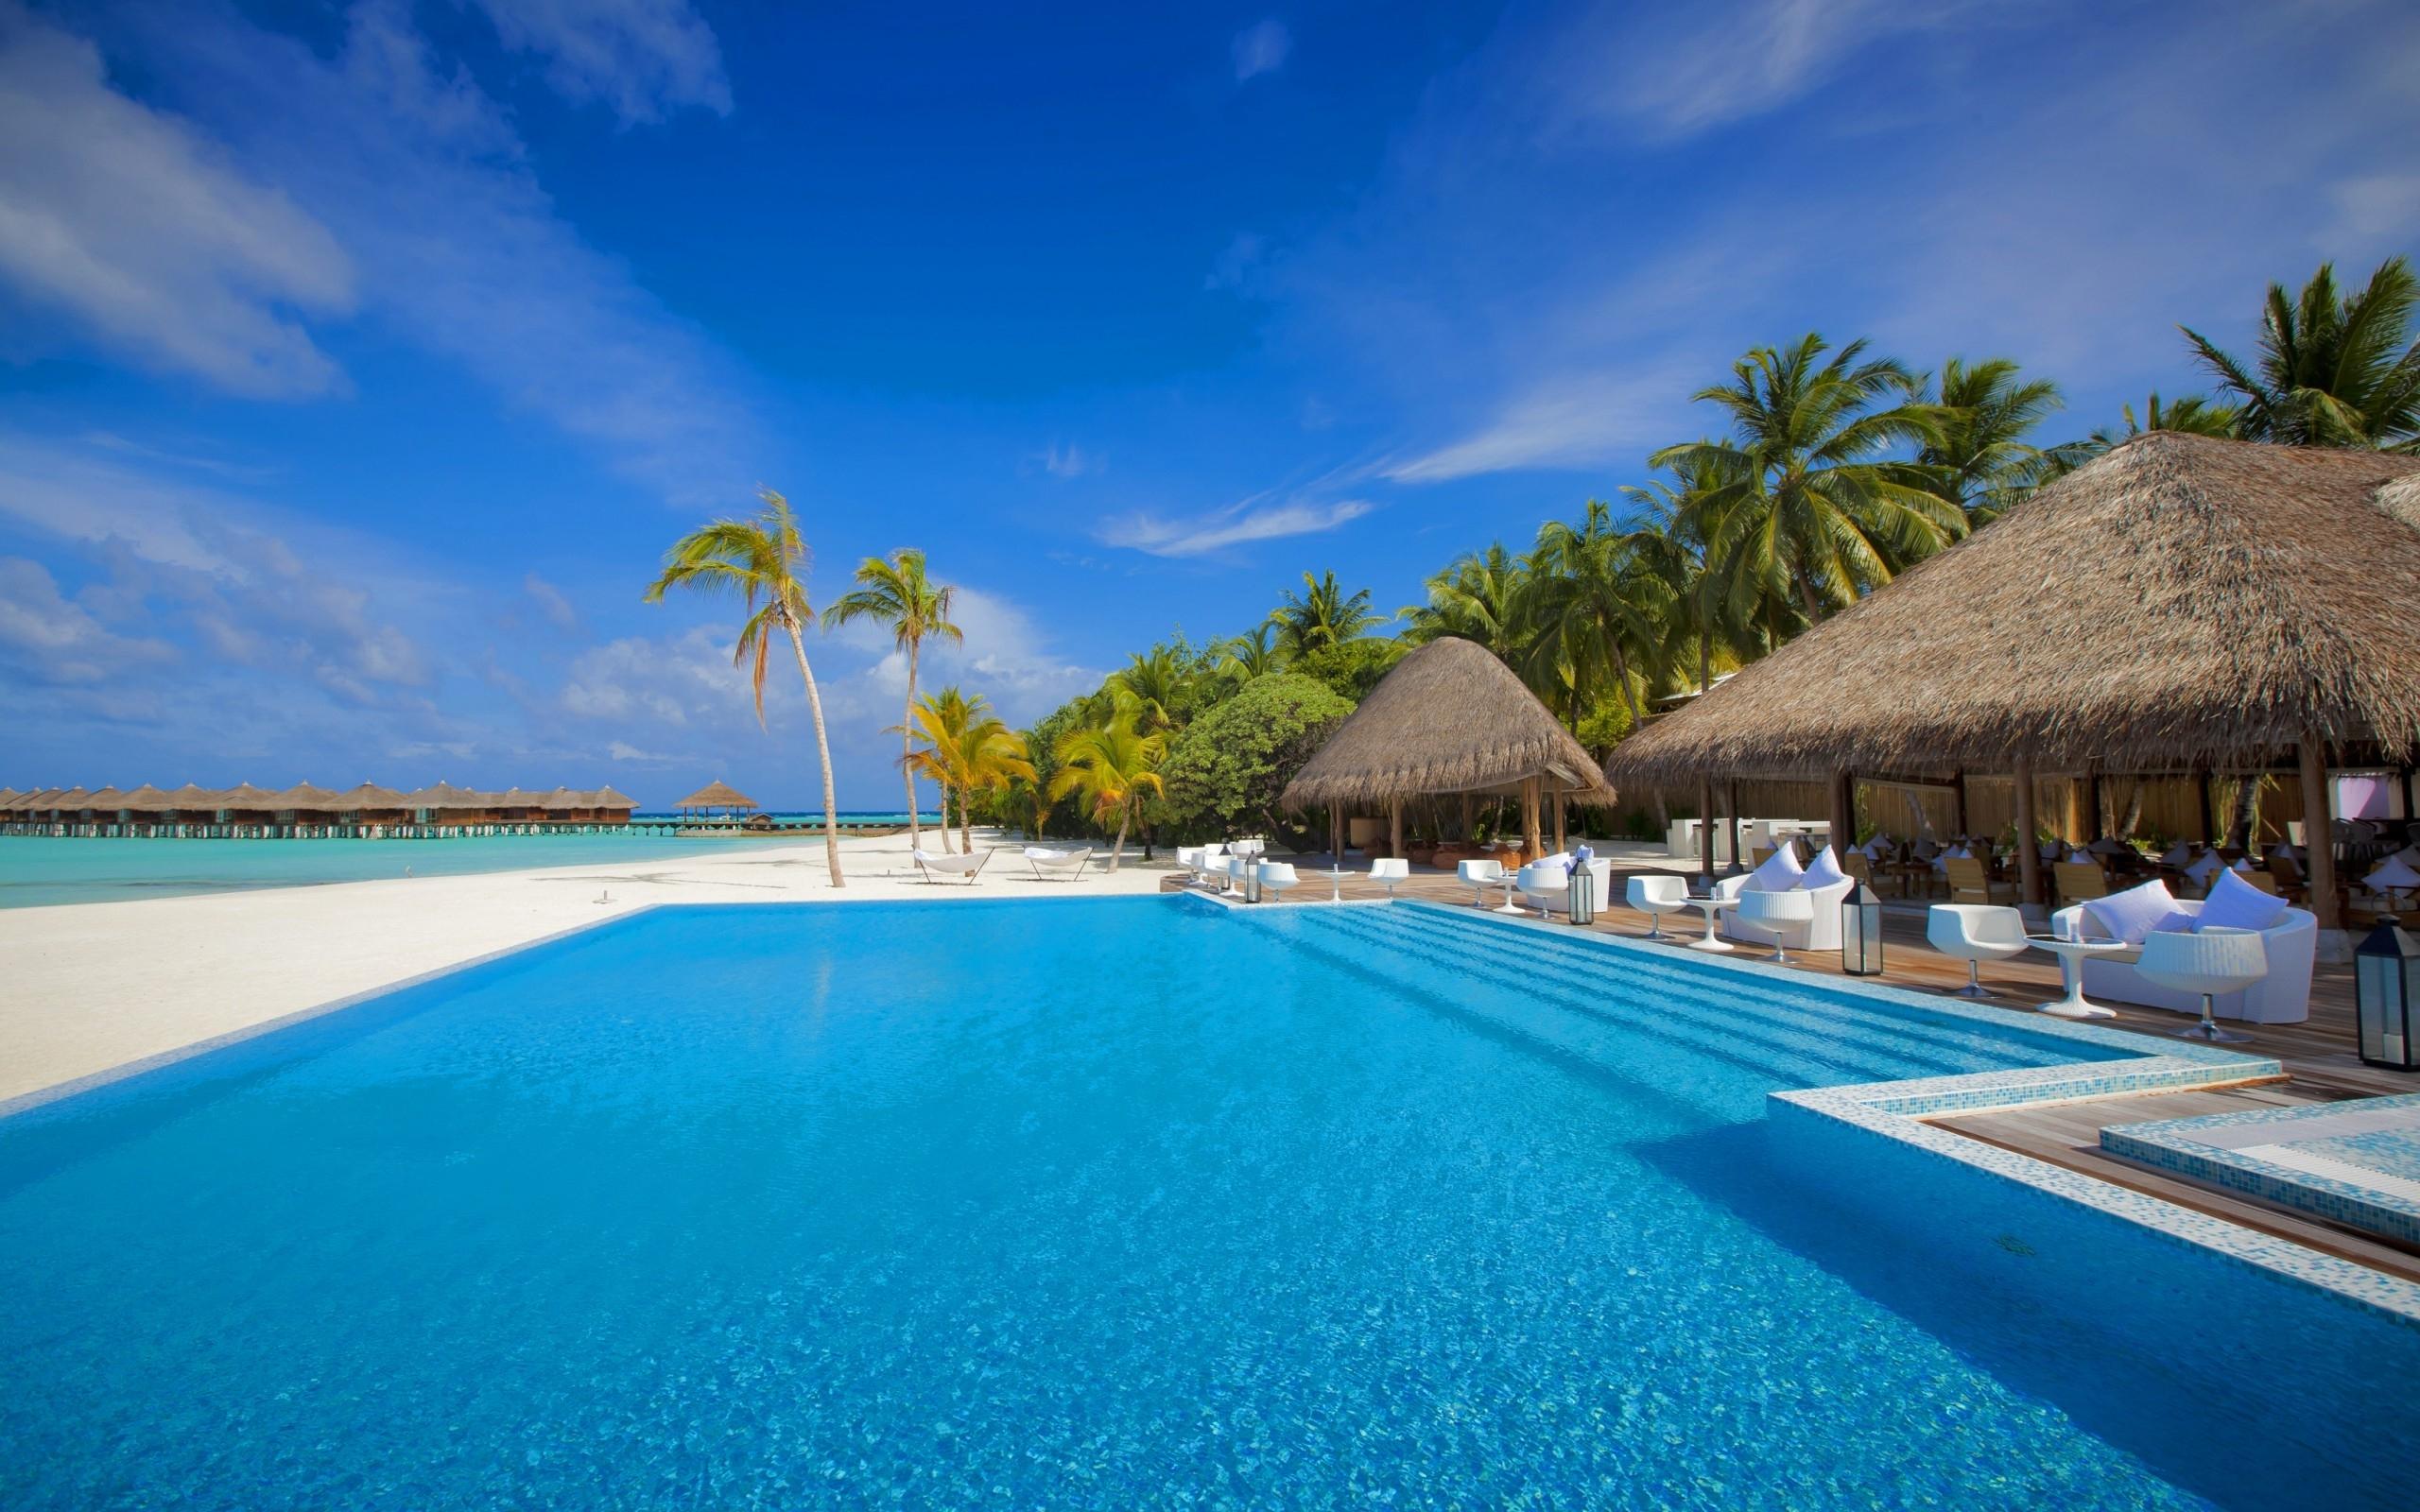 Download Exotic Resort Wallpapers 2560x1600